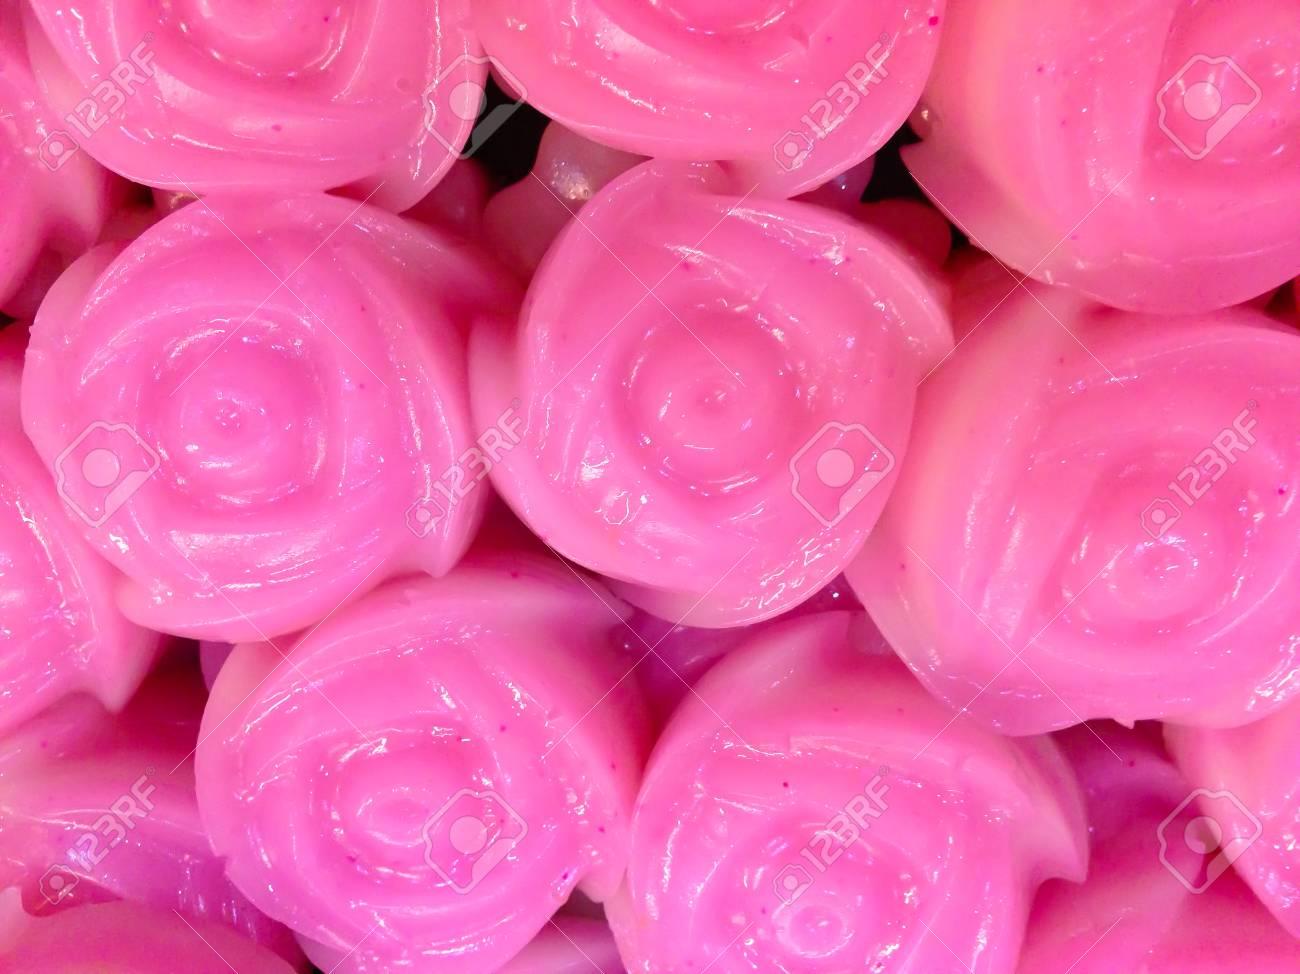 Bolo Doce Da Camada Tailandesa Kanom Chan Padrão De Textura Bonita Tailandesa Tradicional Sobremesa Em Forma De Flor Rosa Brilhante E Colorida Rosa